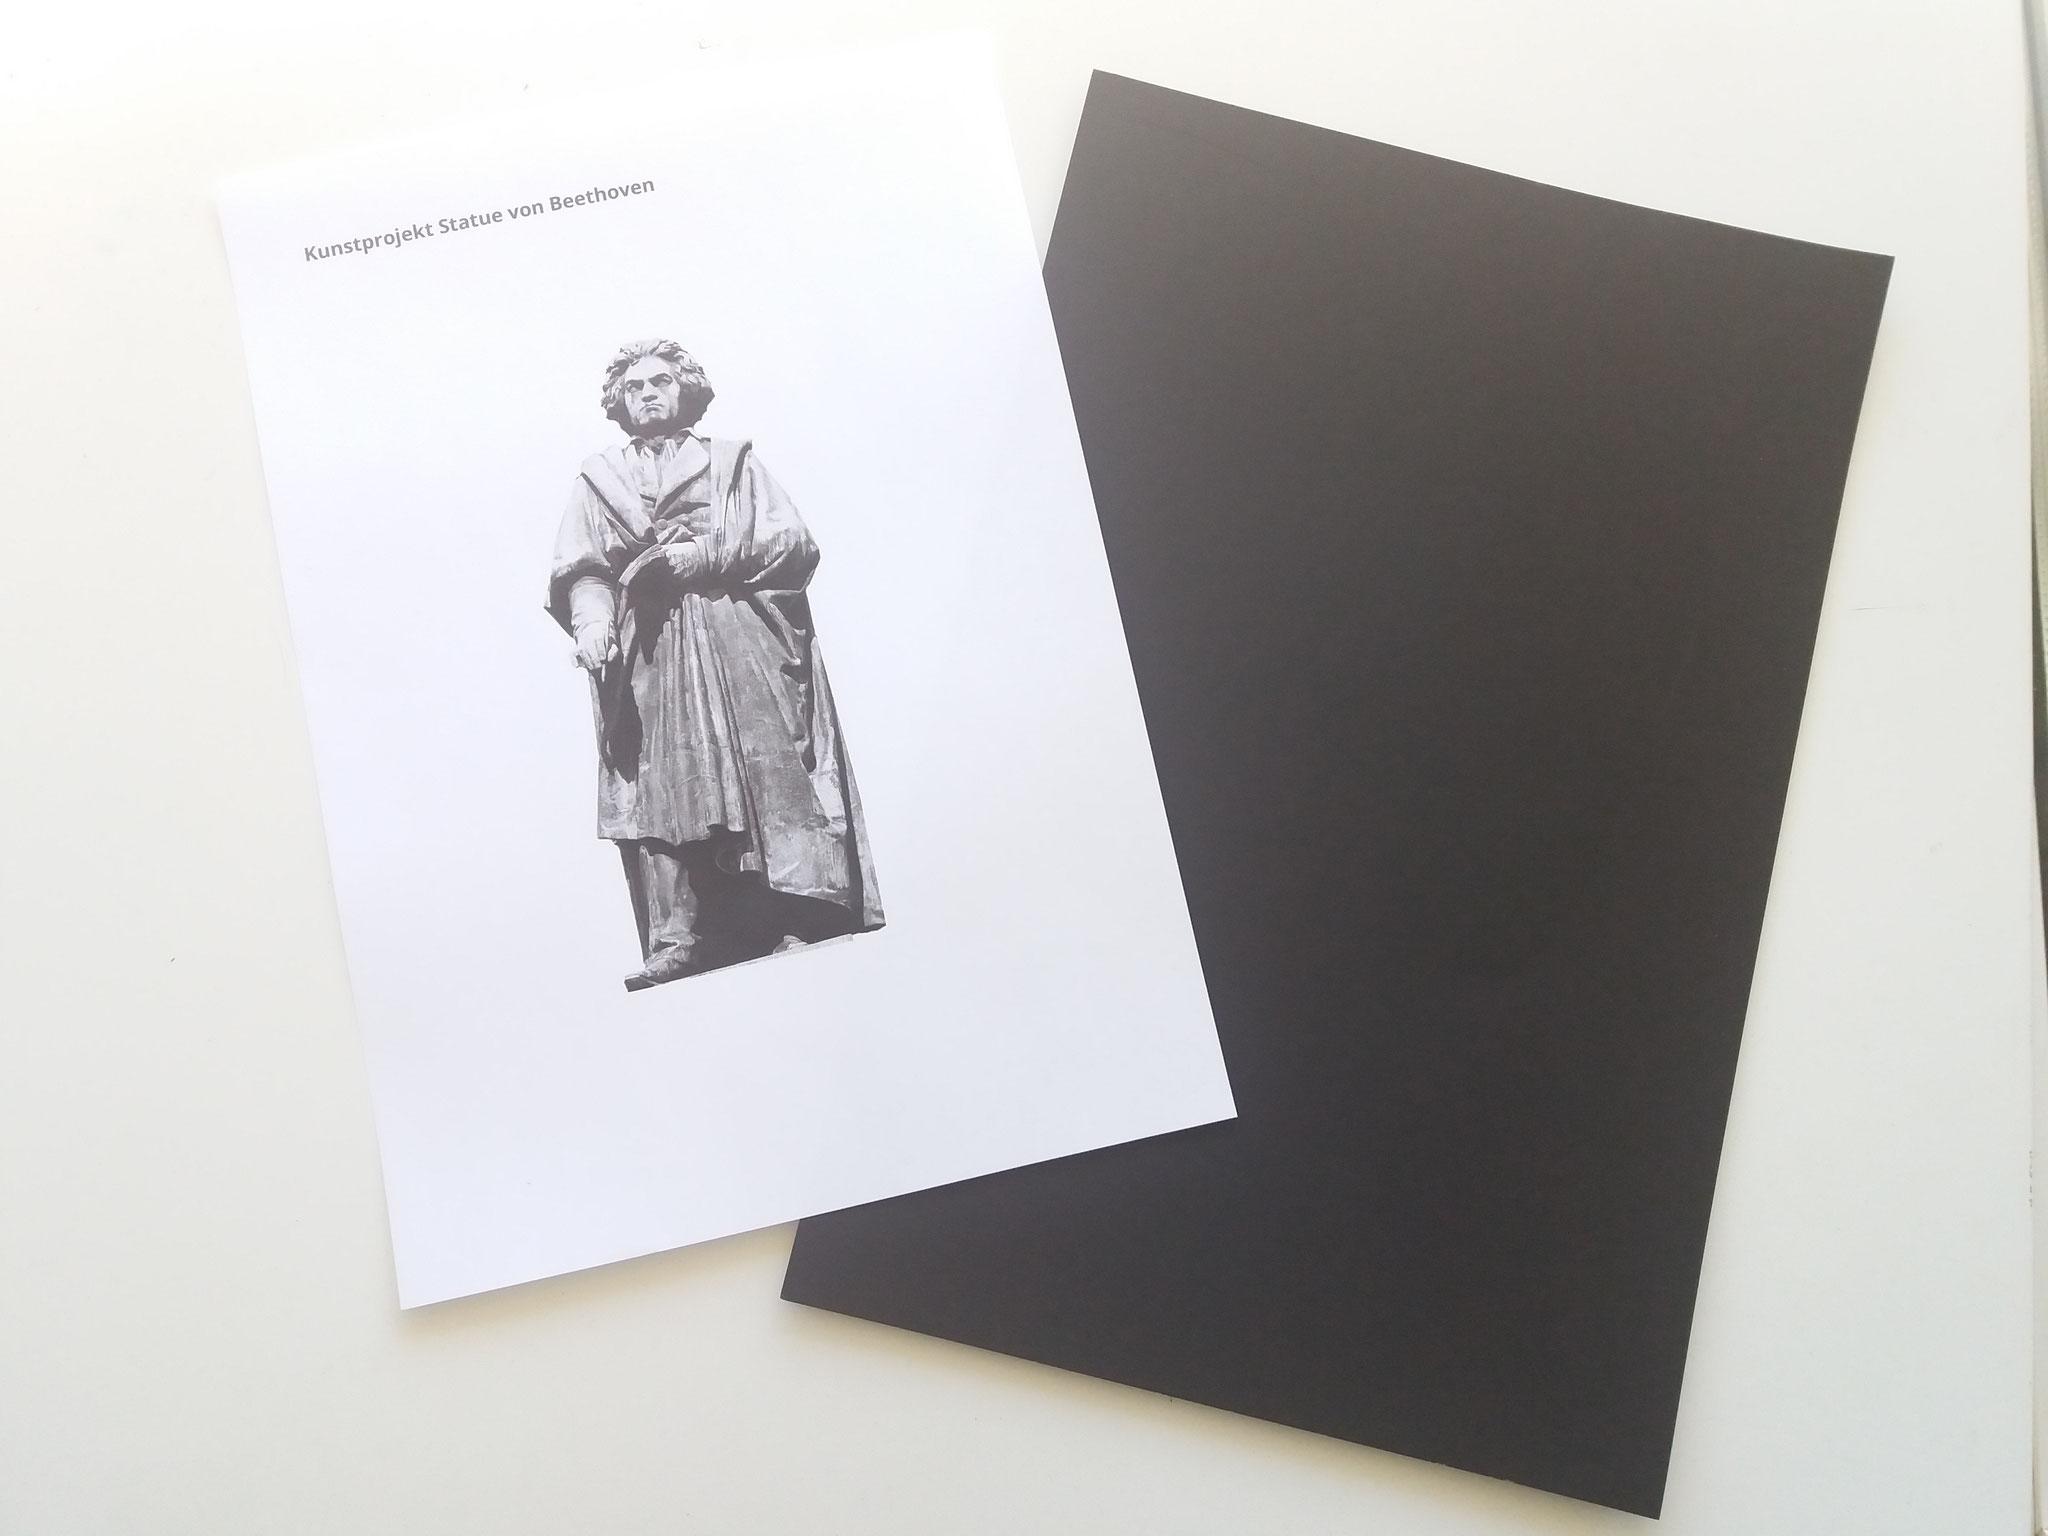 """Zunächst die Pdf-Datei """"Beethoven"""" ausdrucken und ein schwarzes Blatt Papier bereitlegen"""